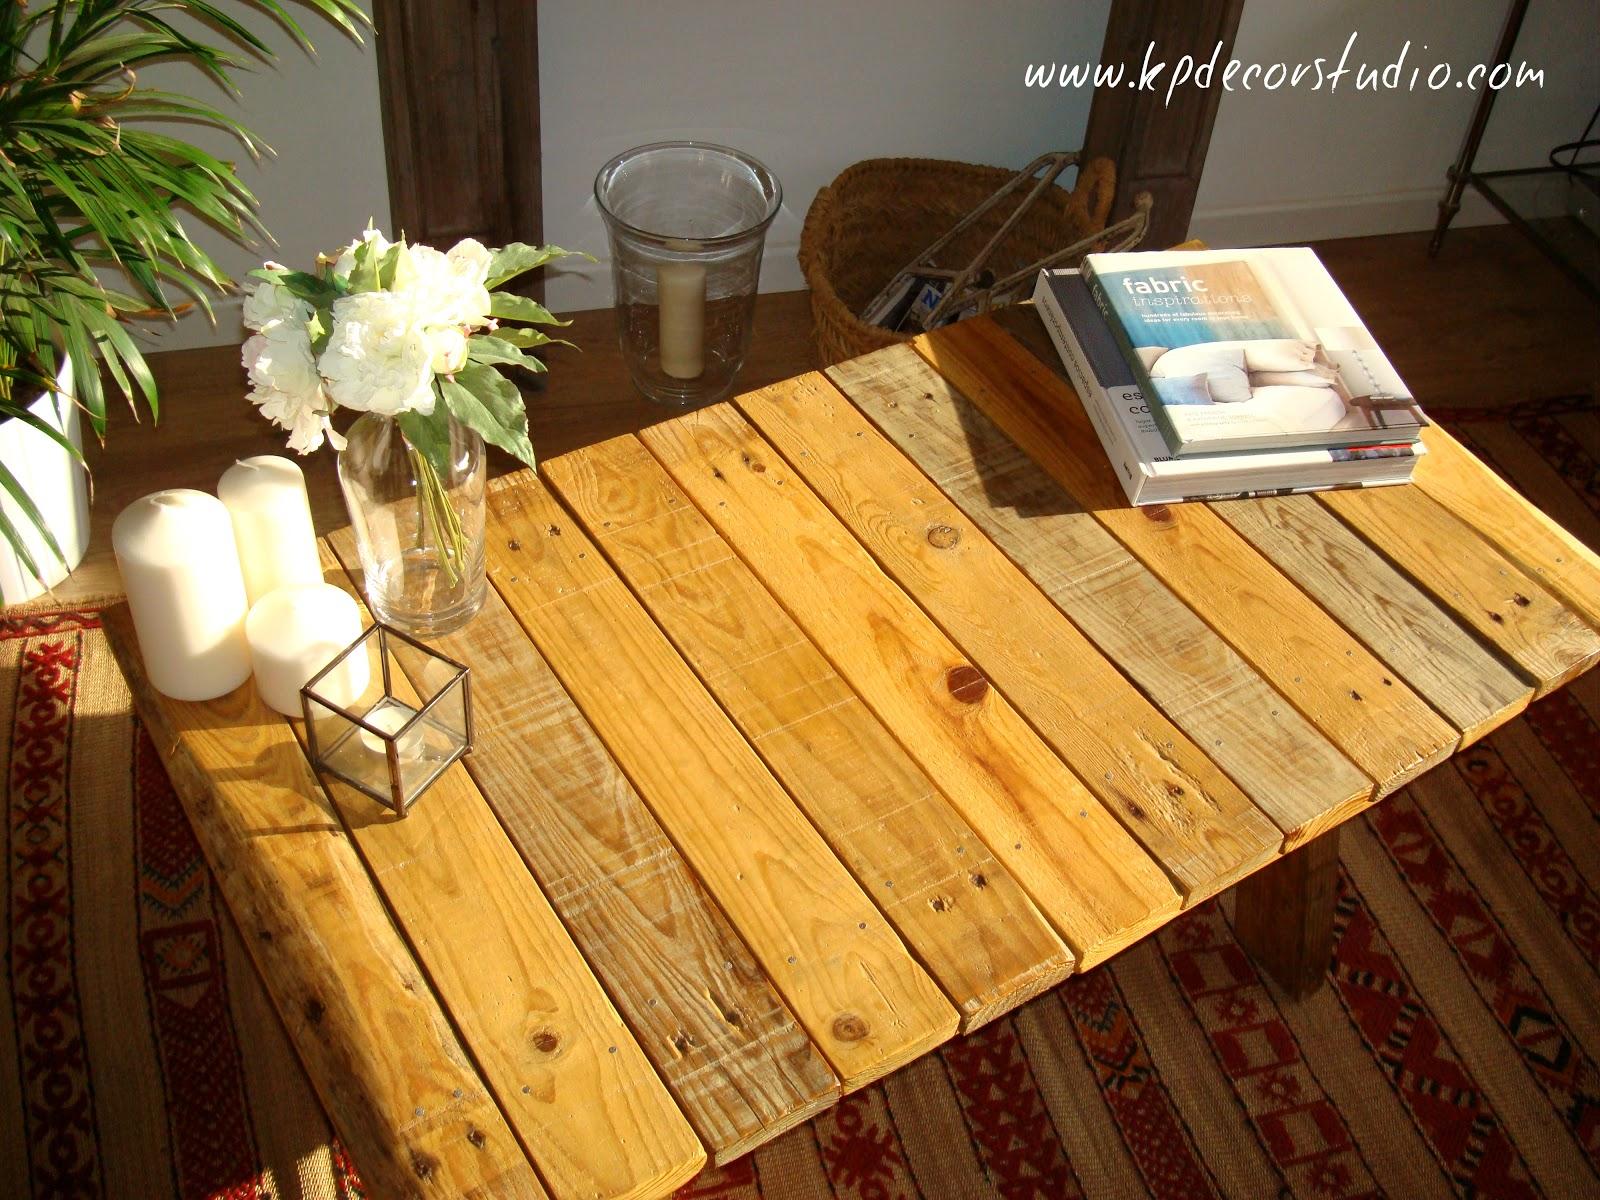 Kp tienda vintage online mesa de madera palet por - Mesas de madera hechas a mano ...